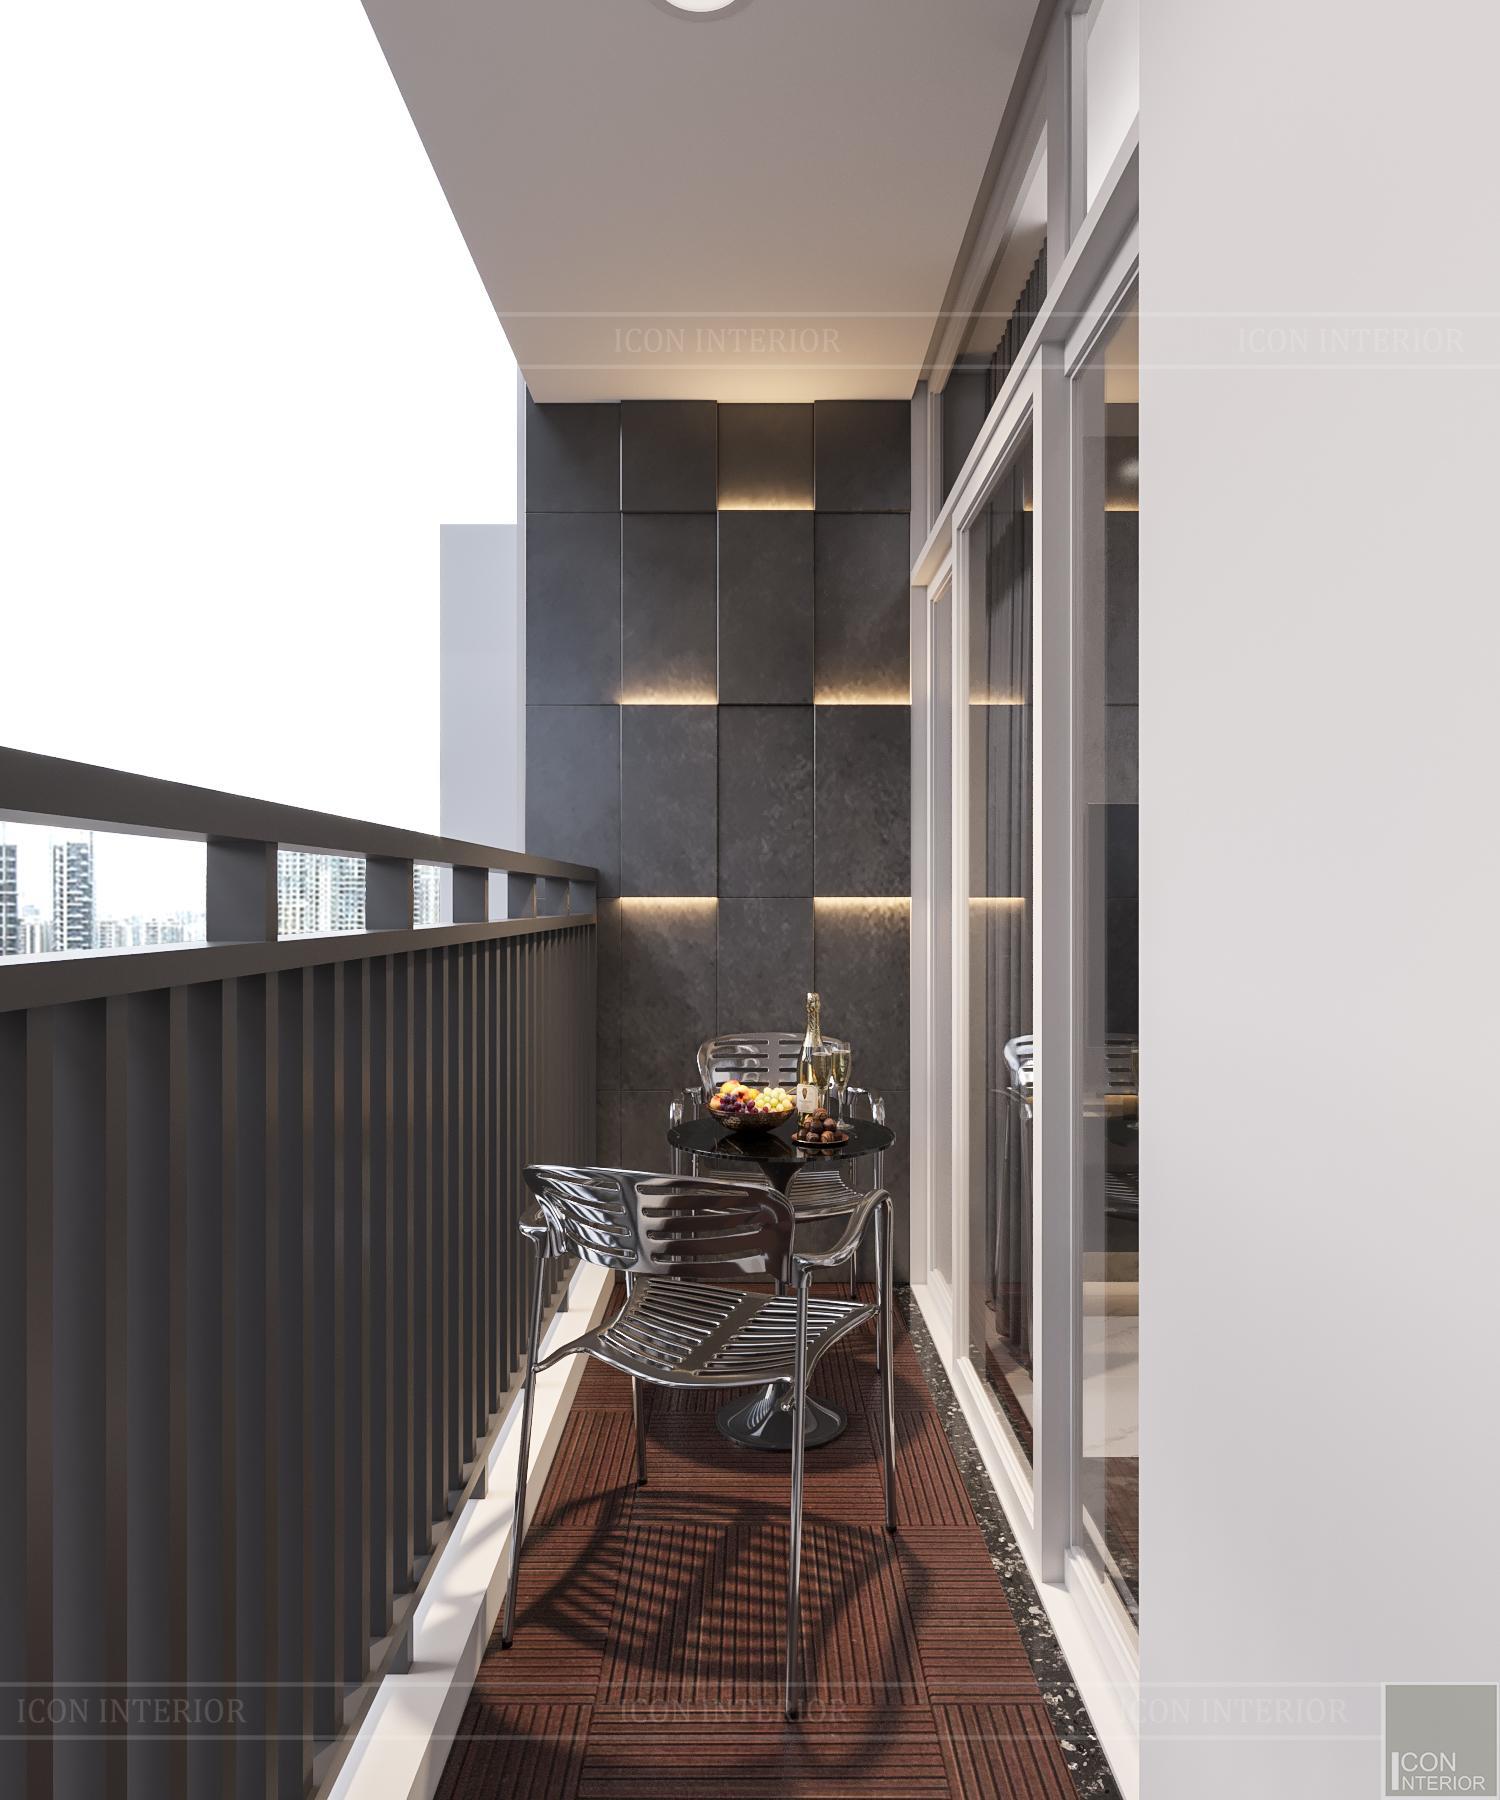 thiết kế căn hộ 3 phòng ngủ hiện đại - ban công